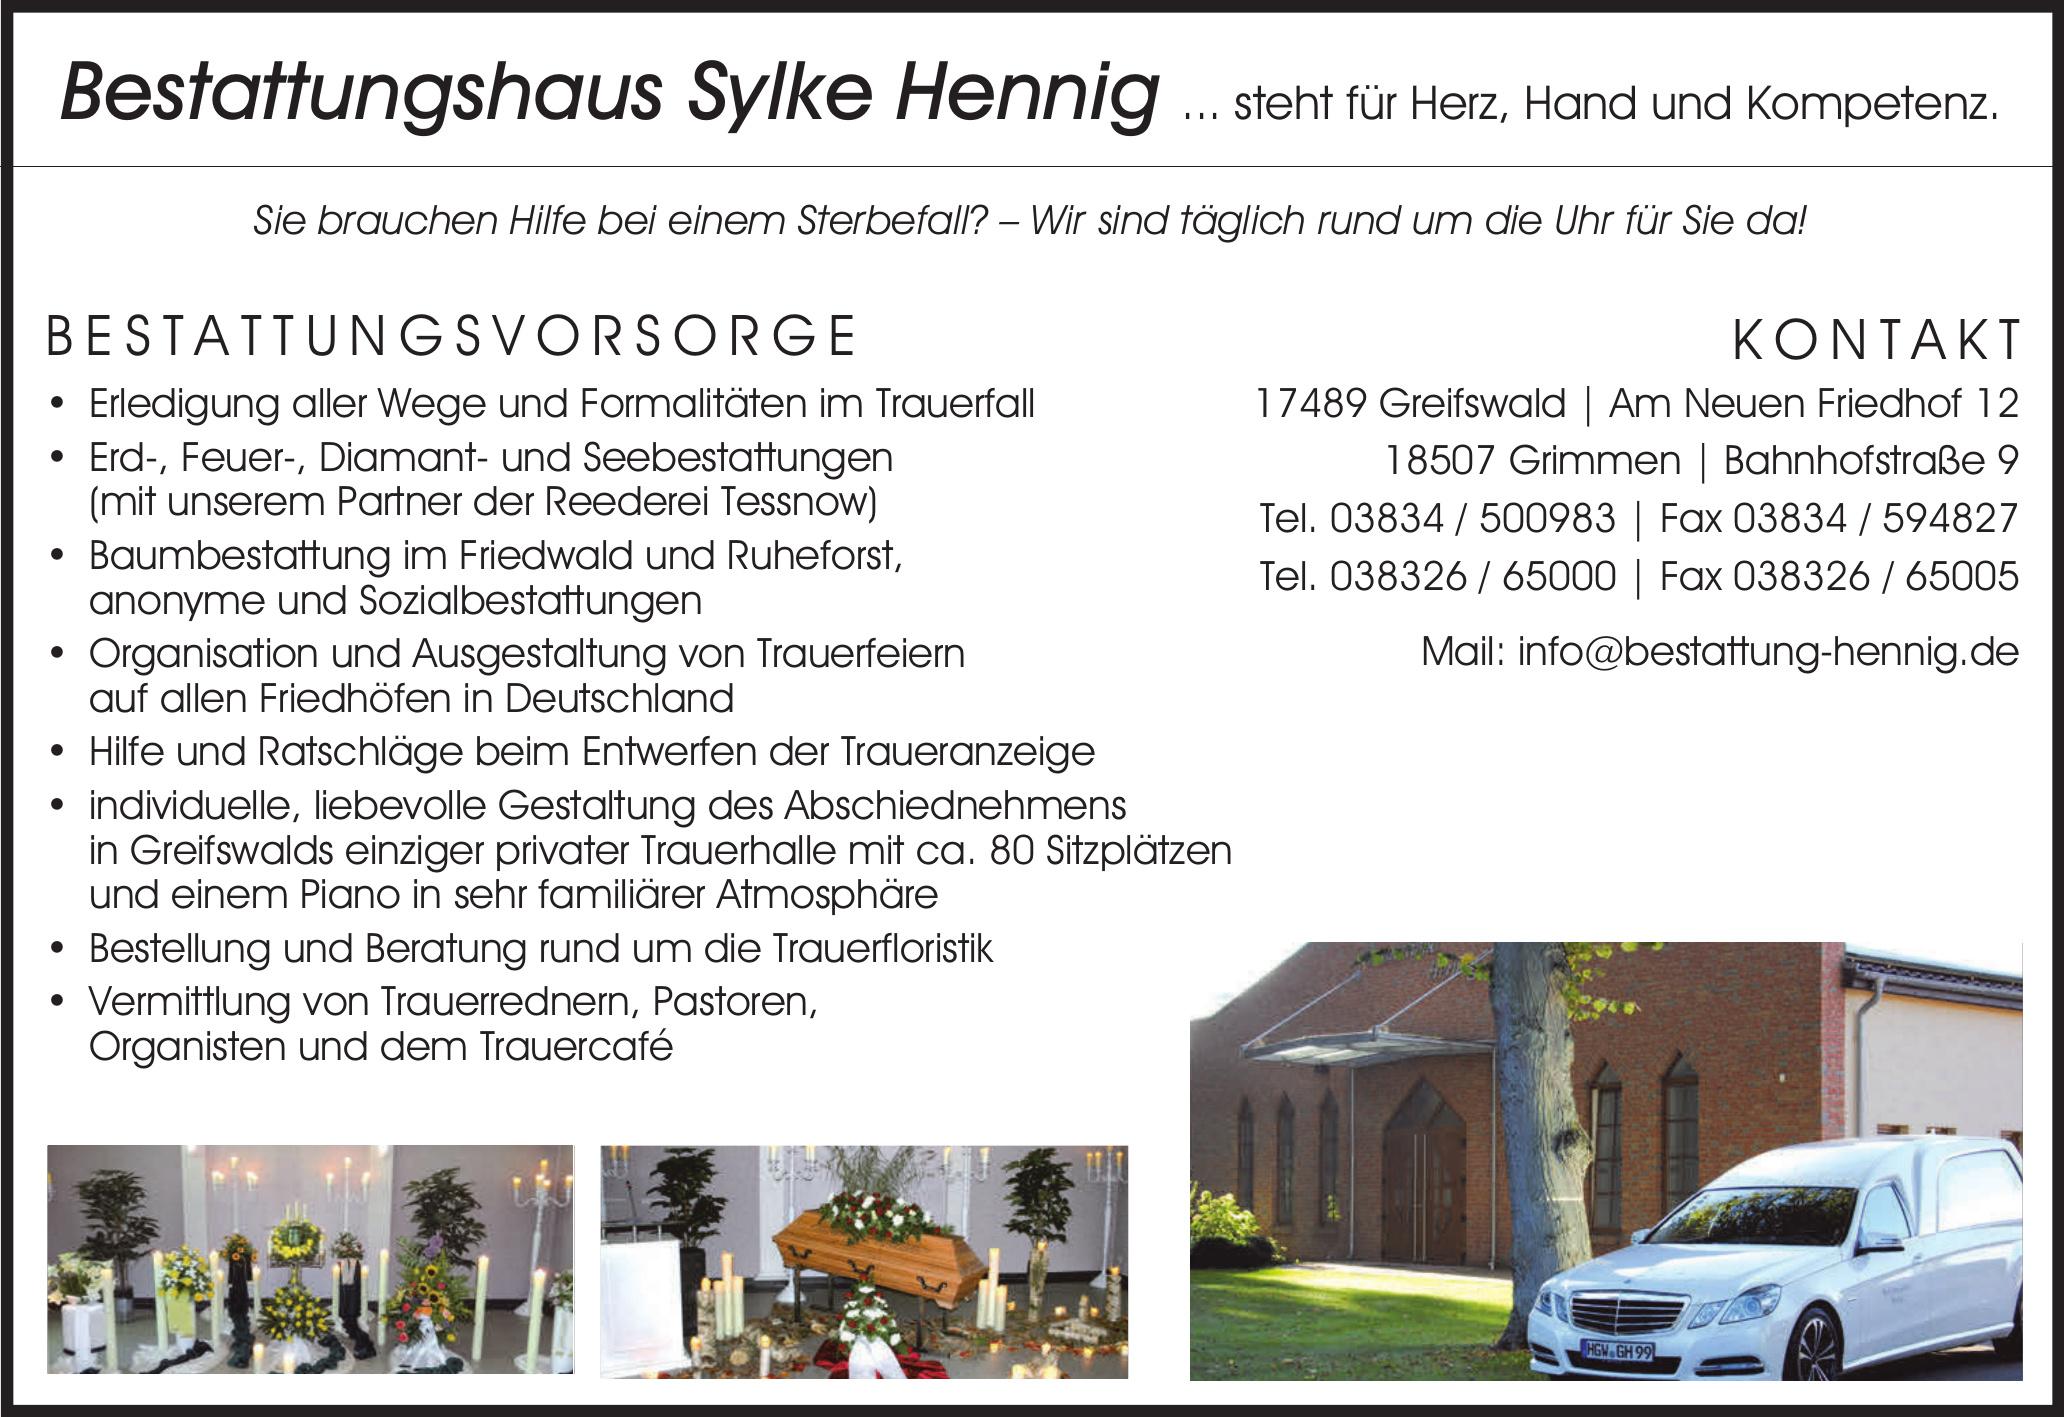 Bestattungshaus Sylke Hennig